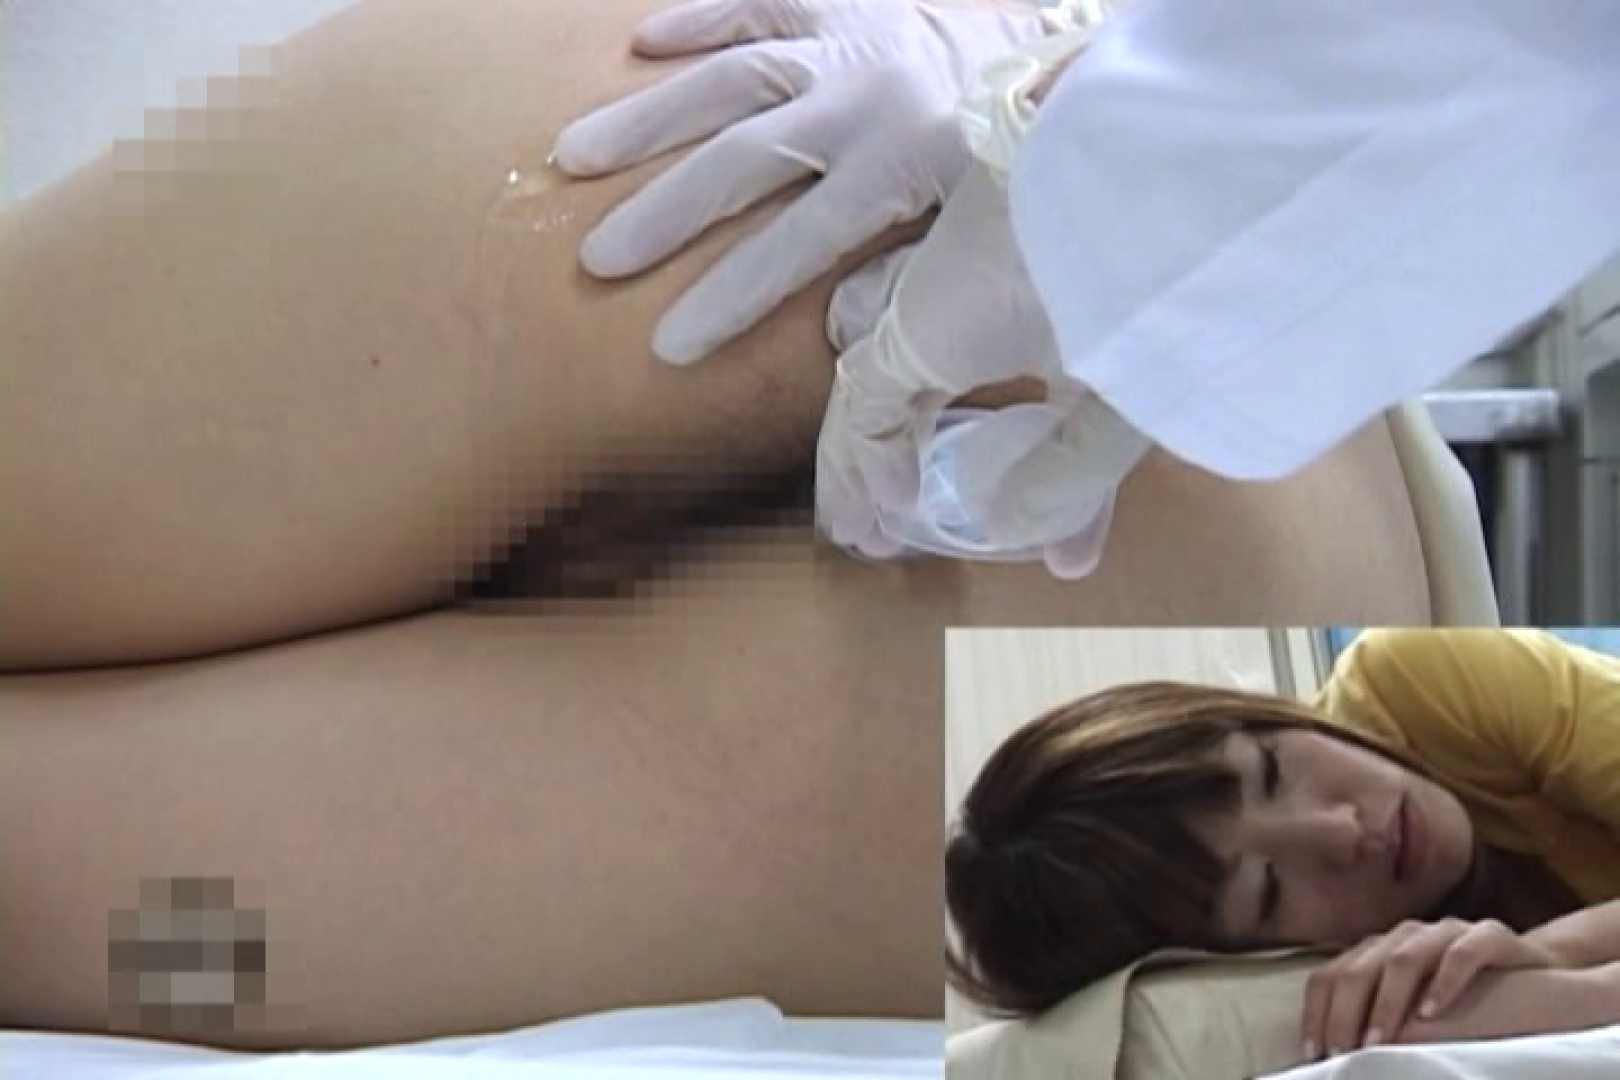 逆噴射病院 肛門科Vol.7 OLセックス 隠し撮りセックス画像 65画像 8